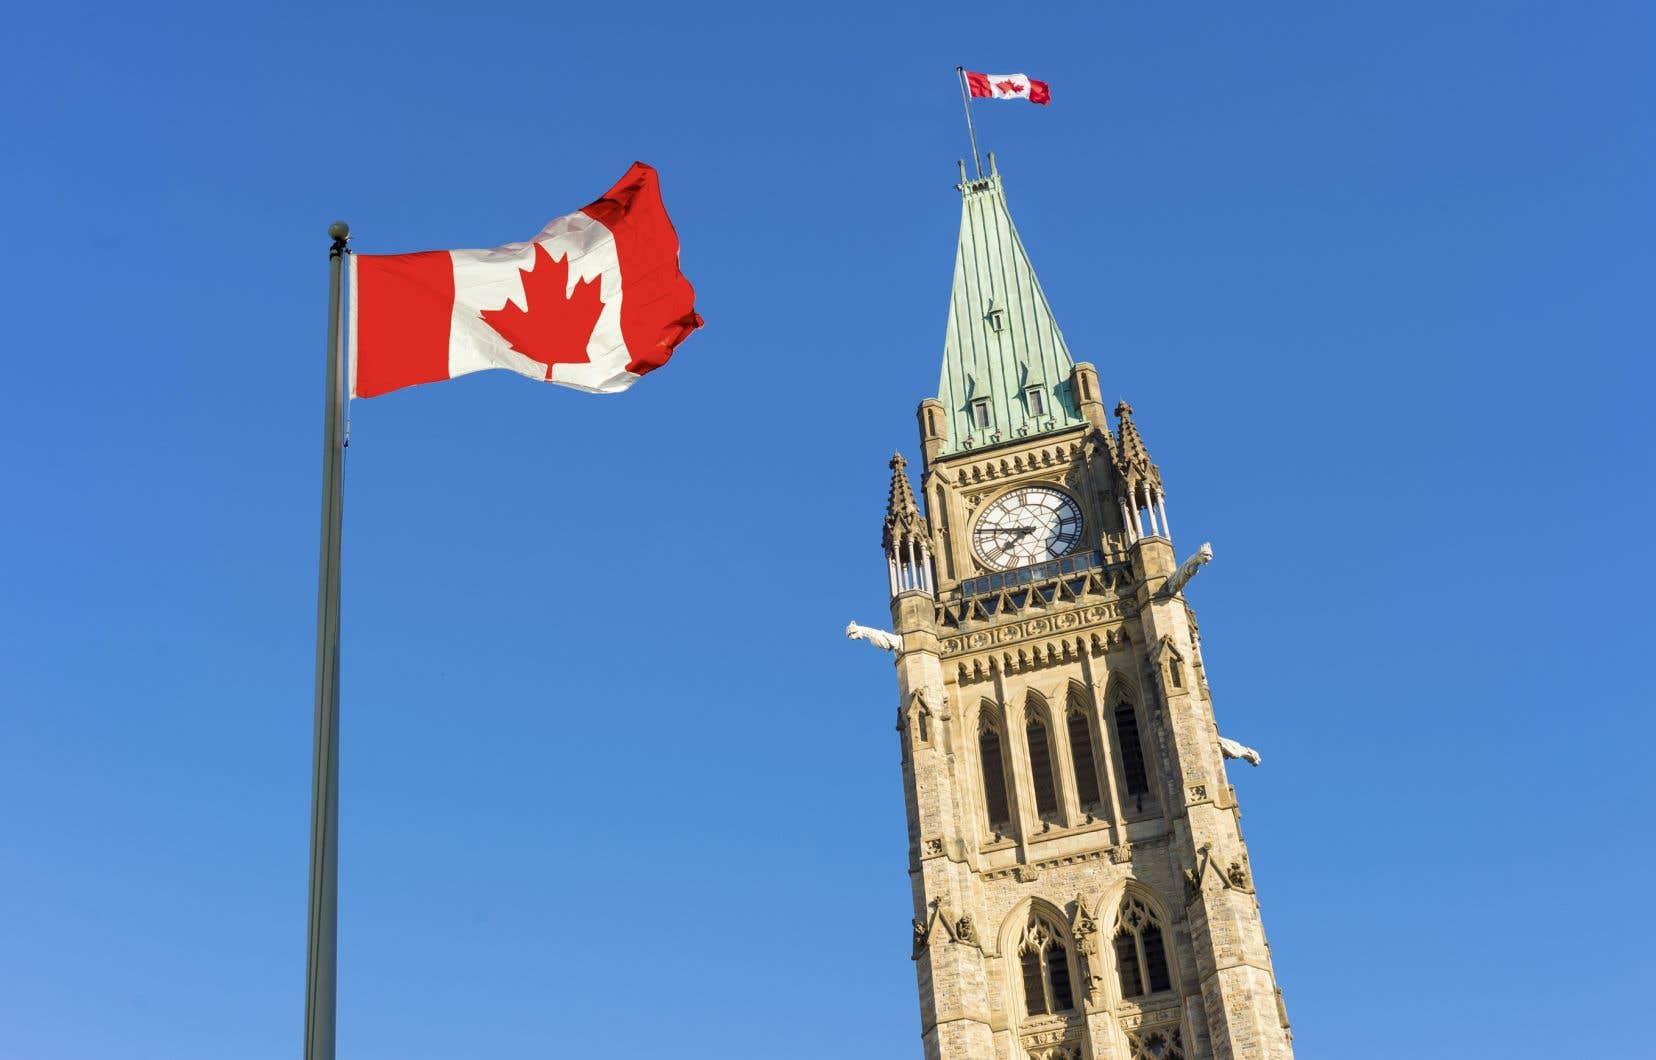 Les députés fédéraux sont de retour à Ottawa lundi pour la reprise des travaux parlementaires.